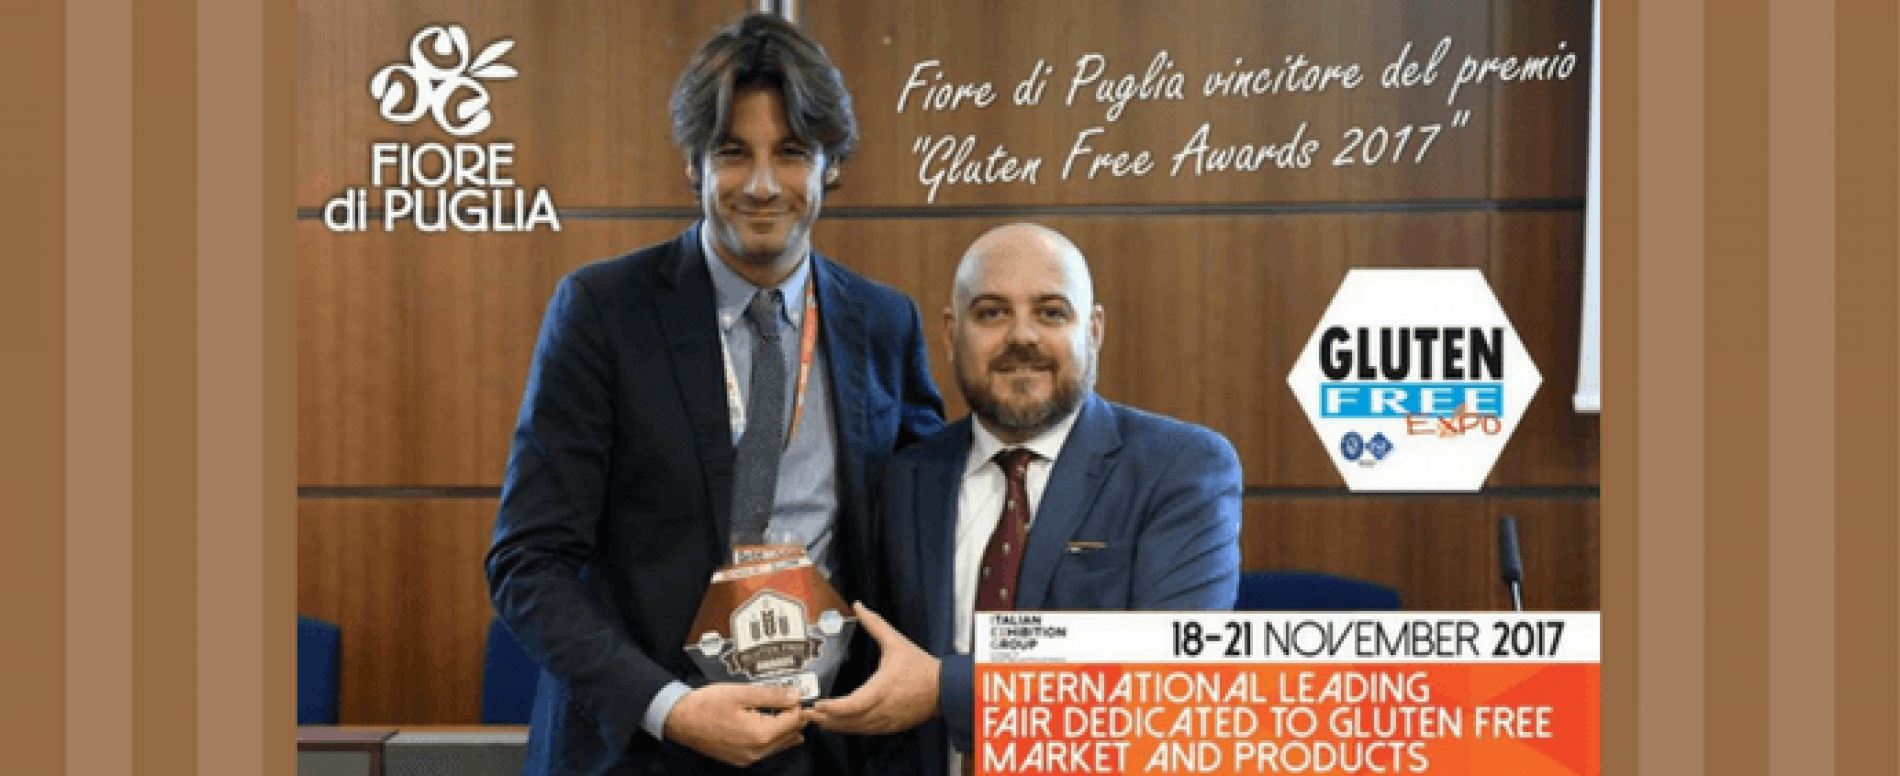 Fiore di Puglia trionfa ai Gluten Free Awards 2017